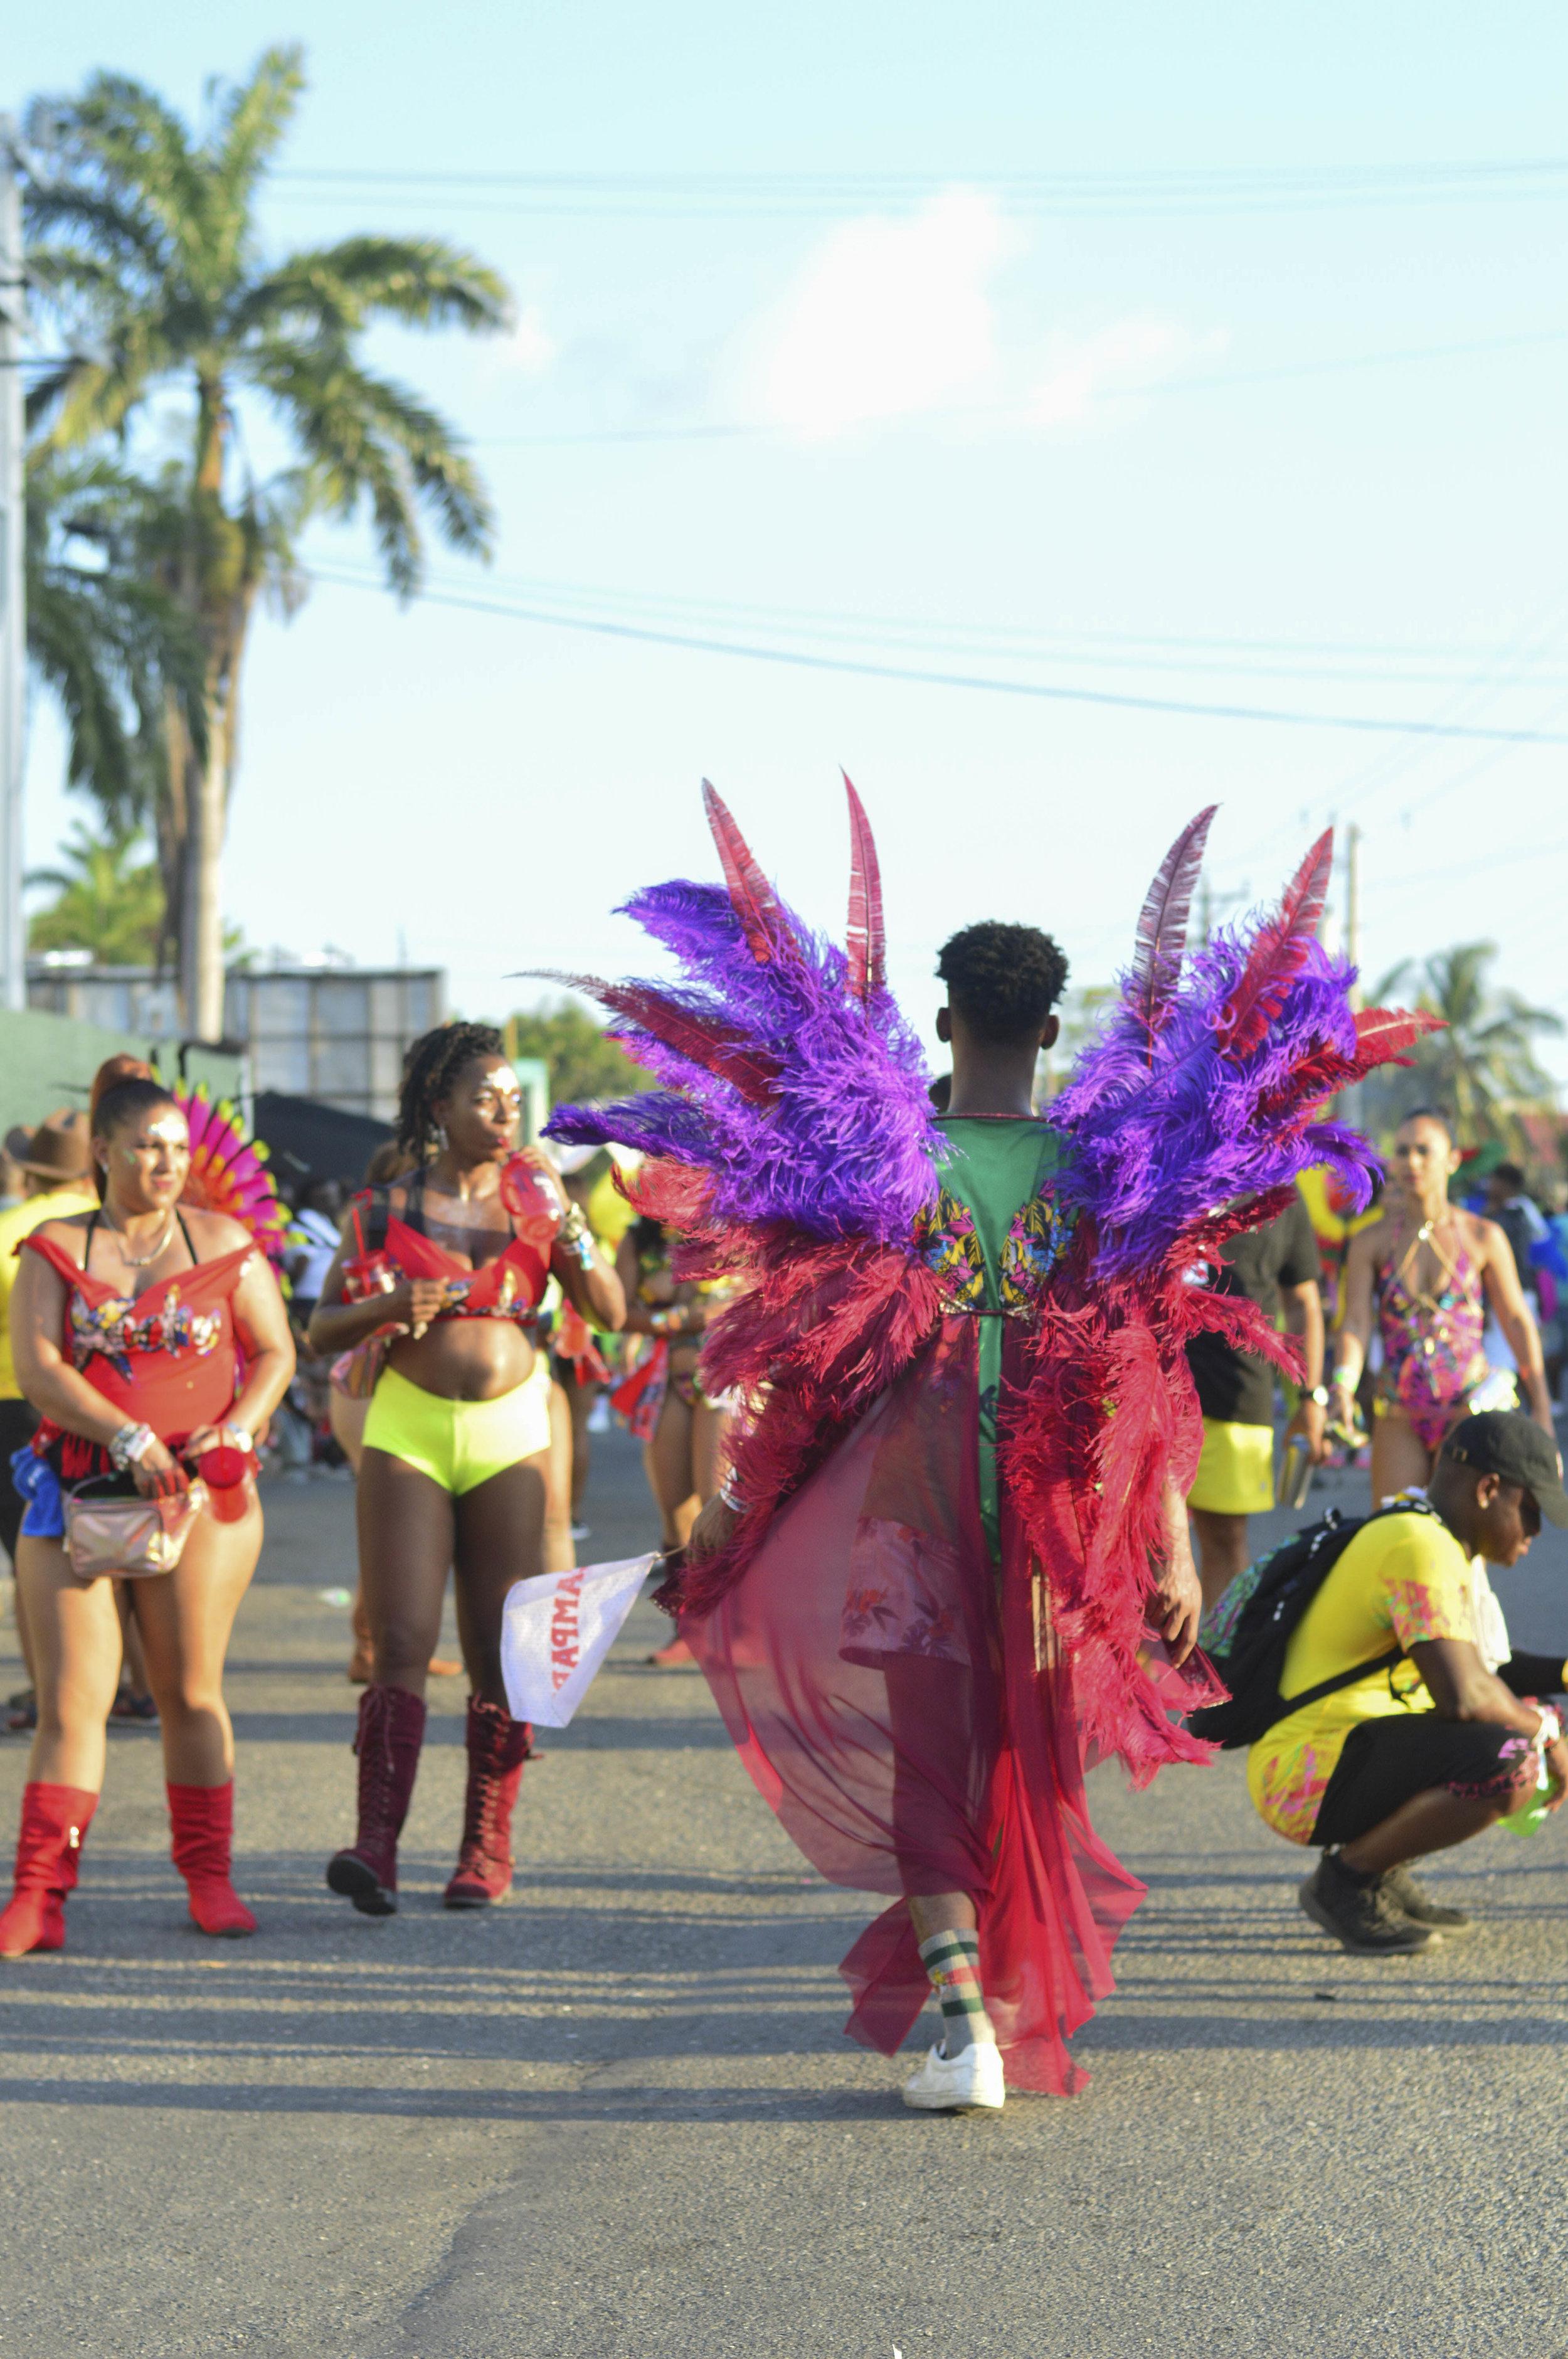 carnival2019_jeanalindo-14.jpg